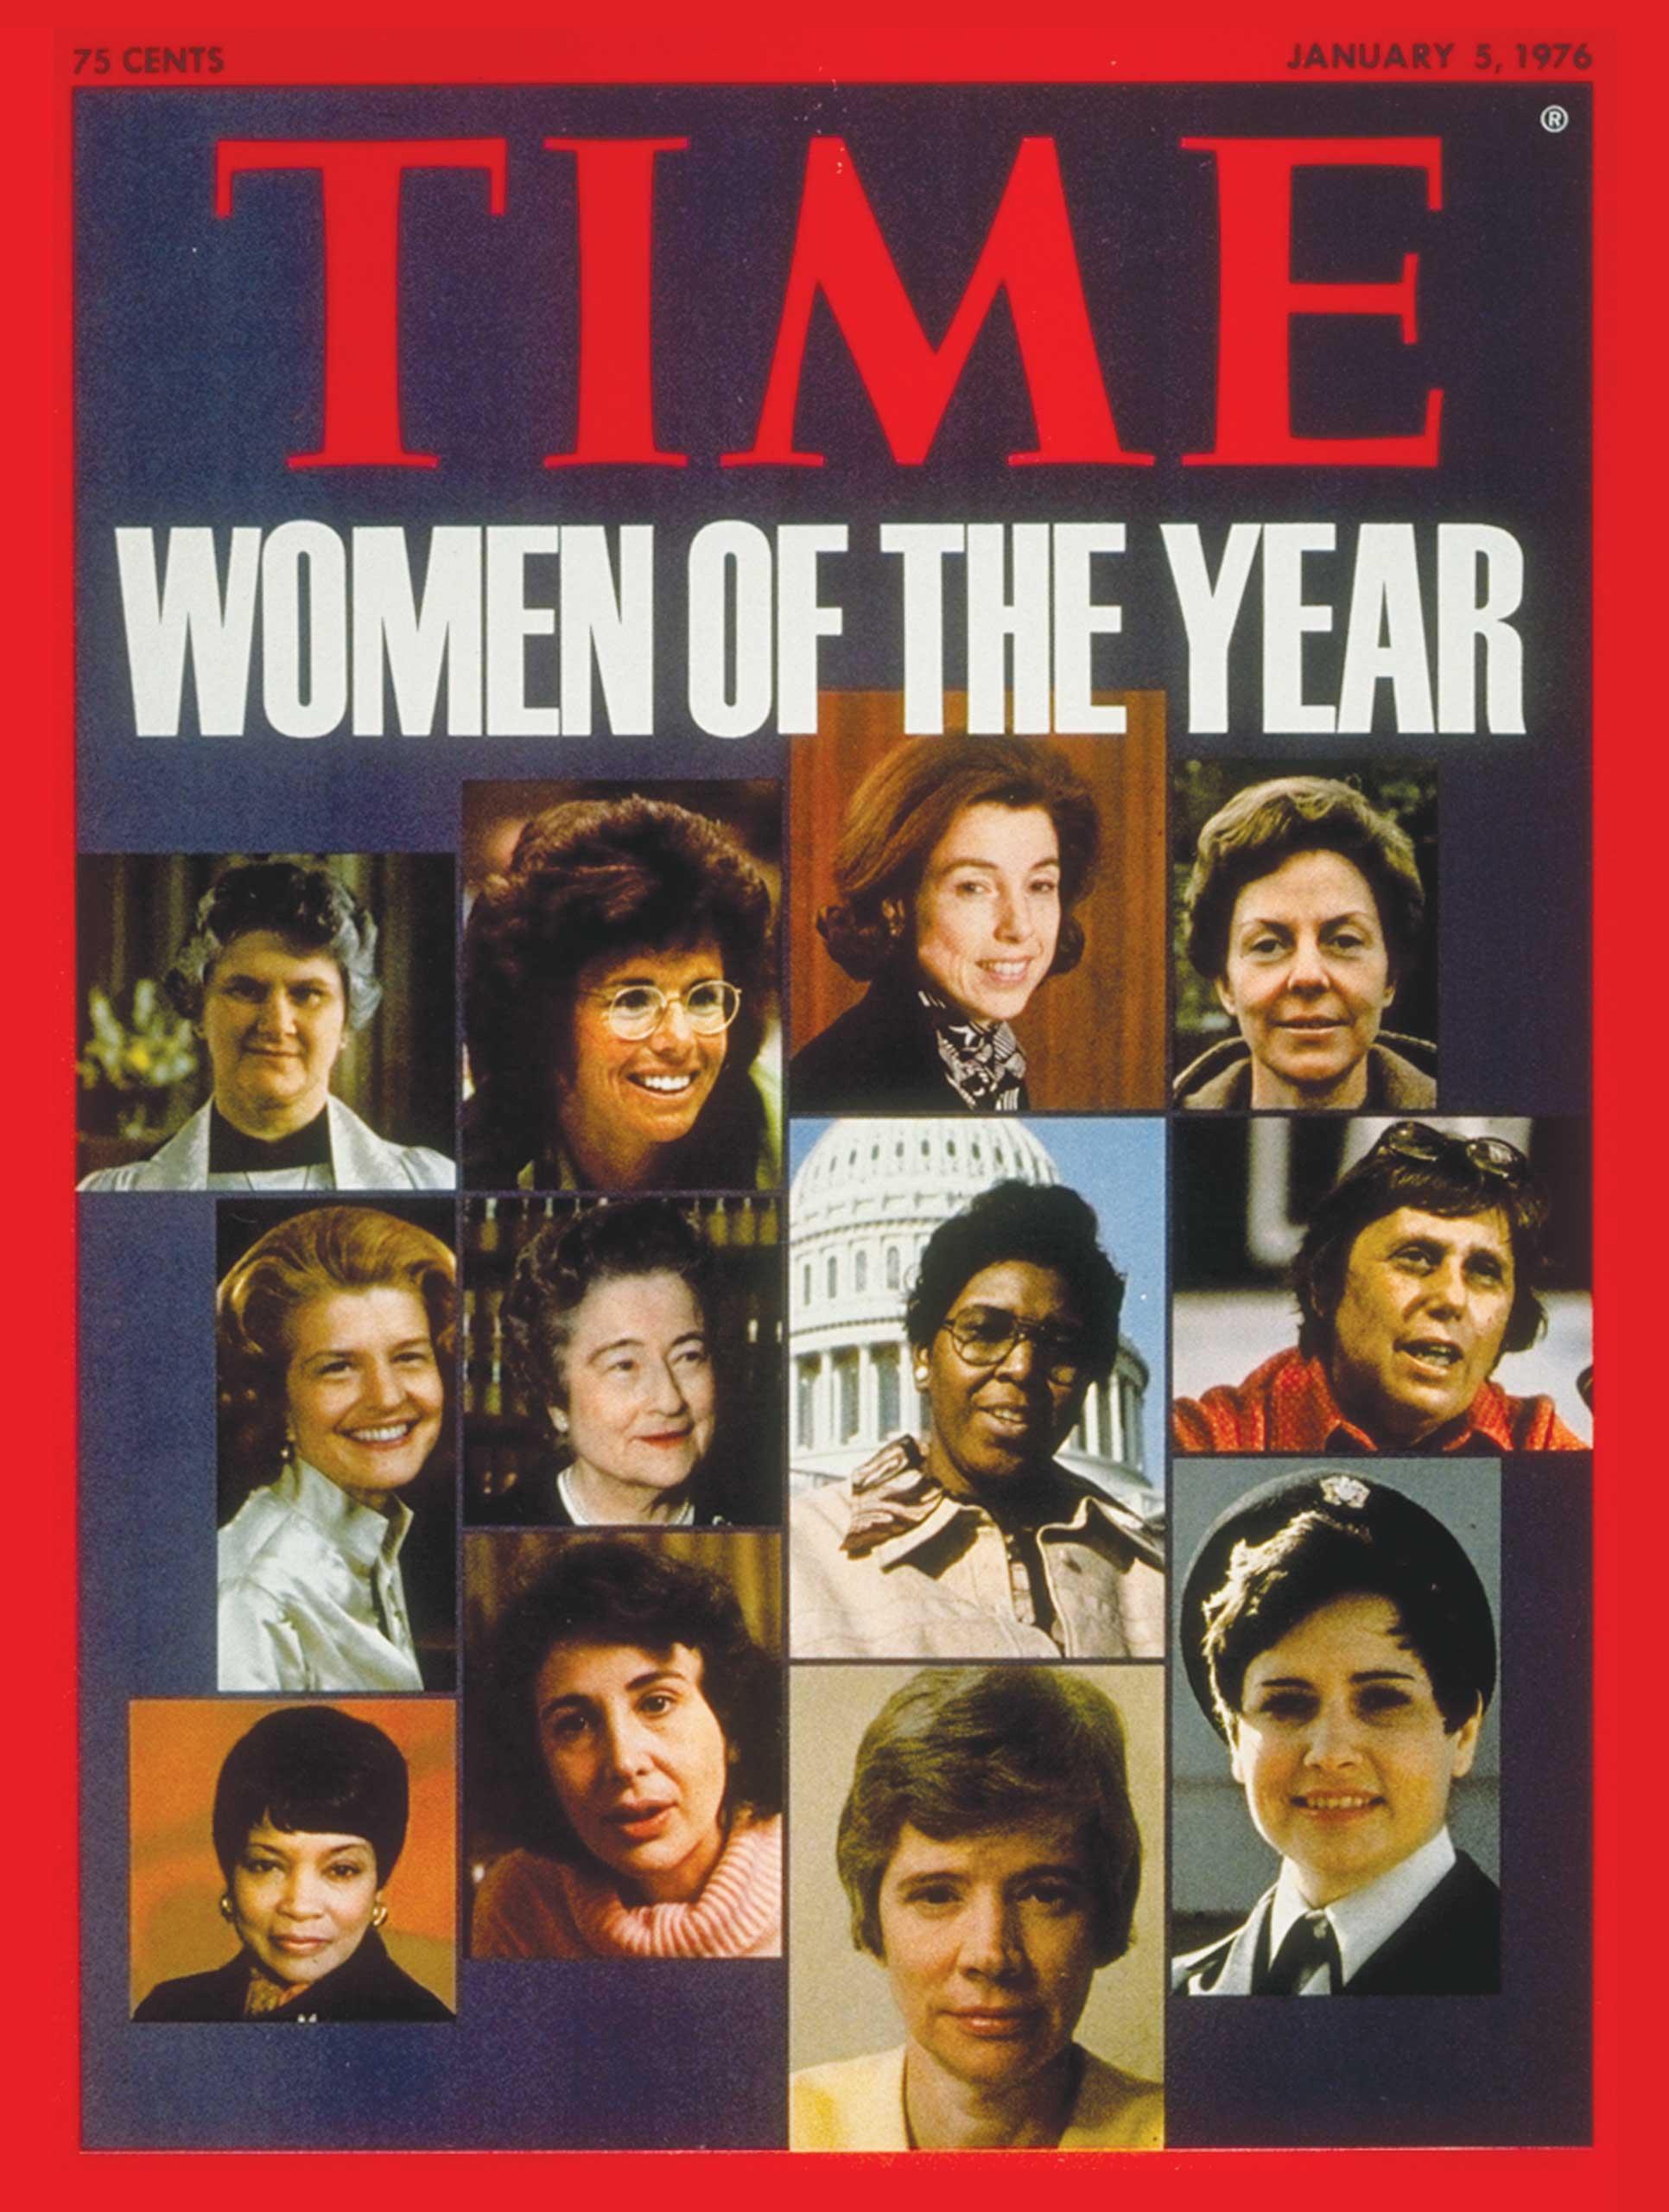 1975: American Women